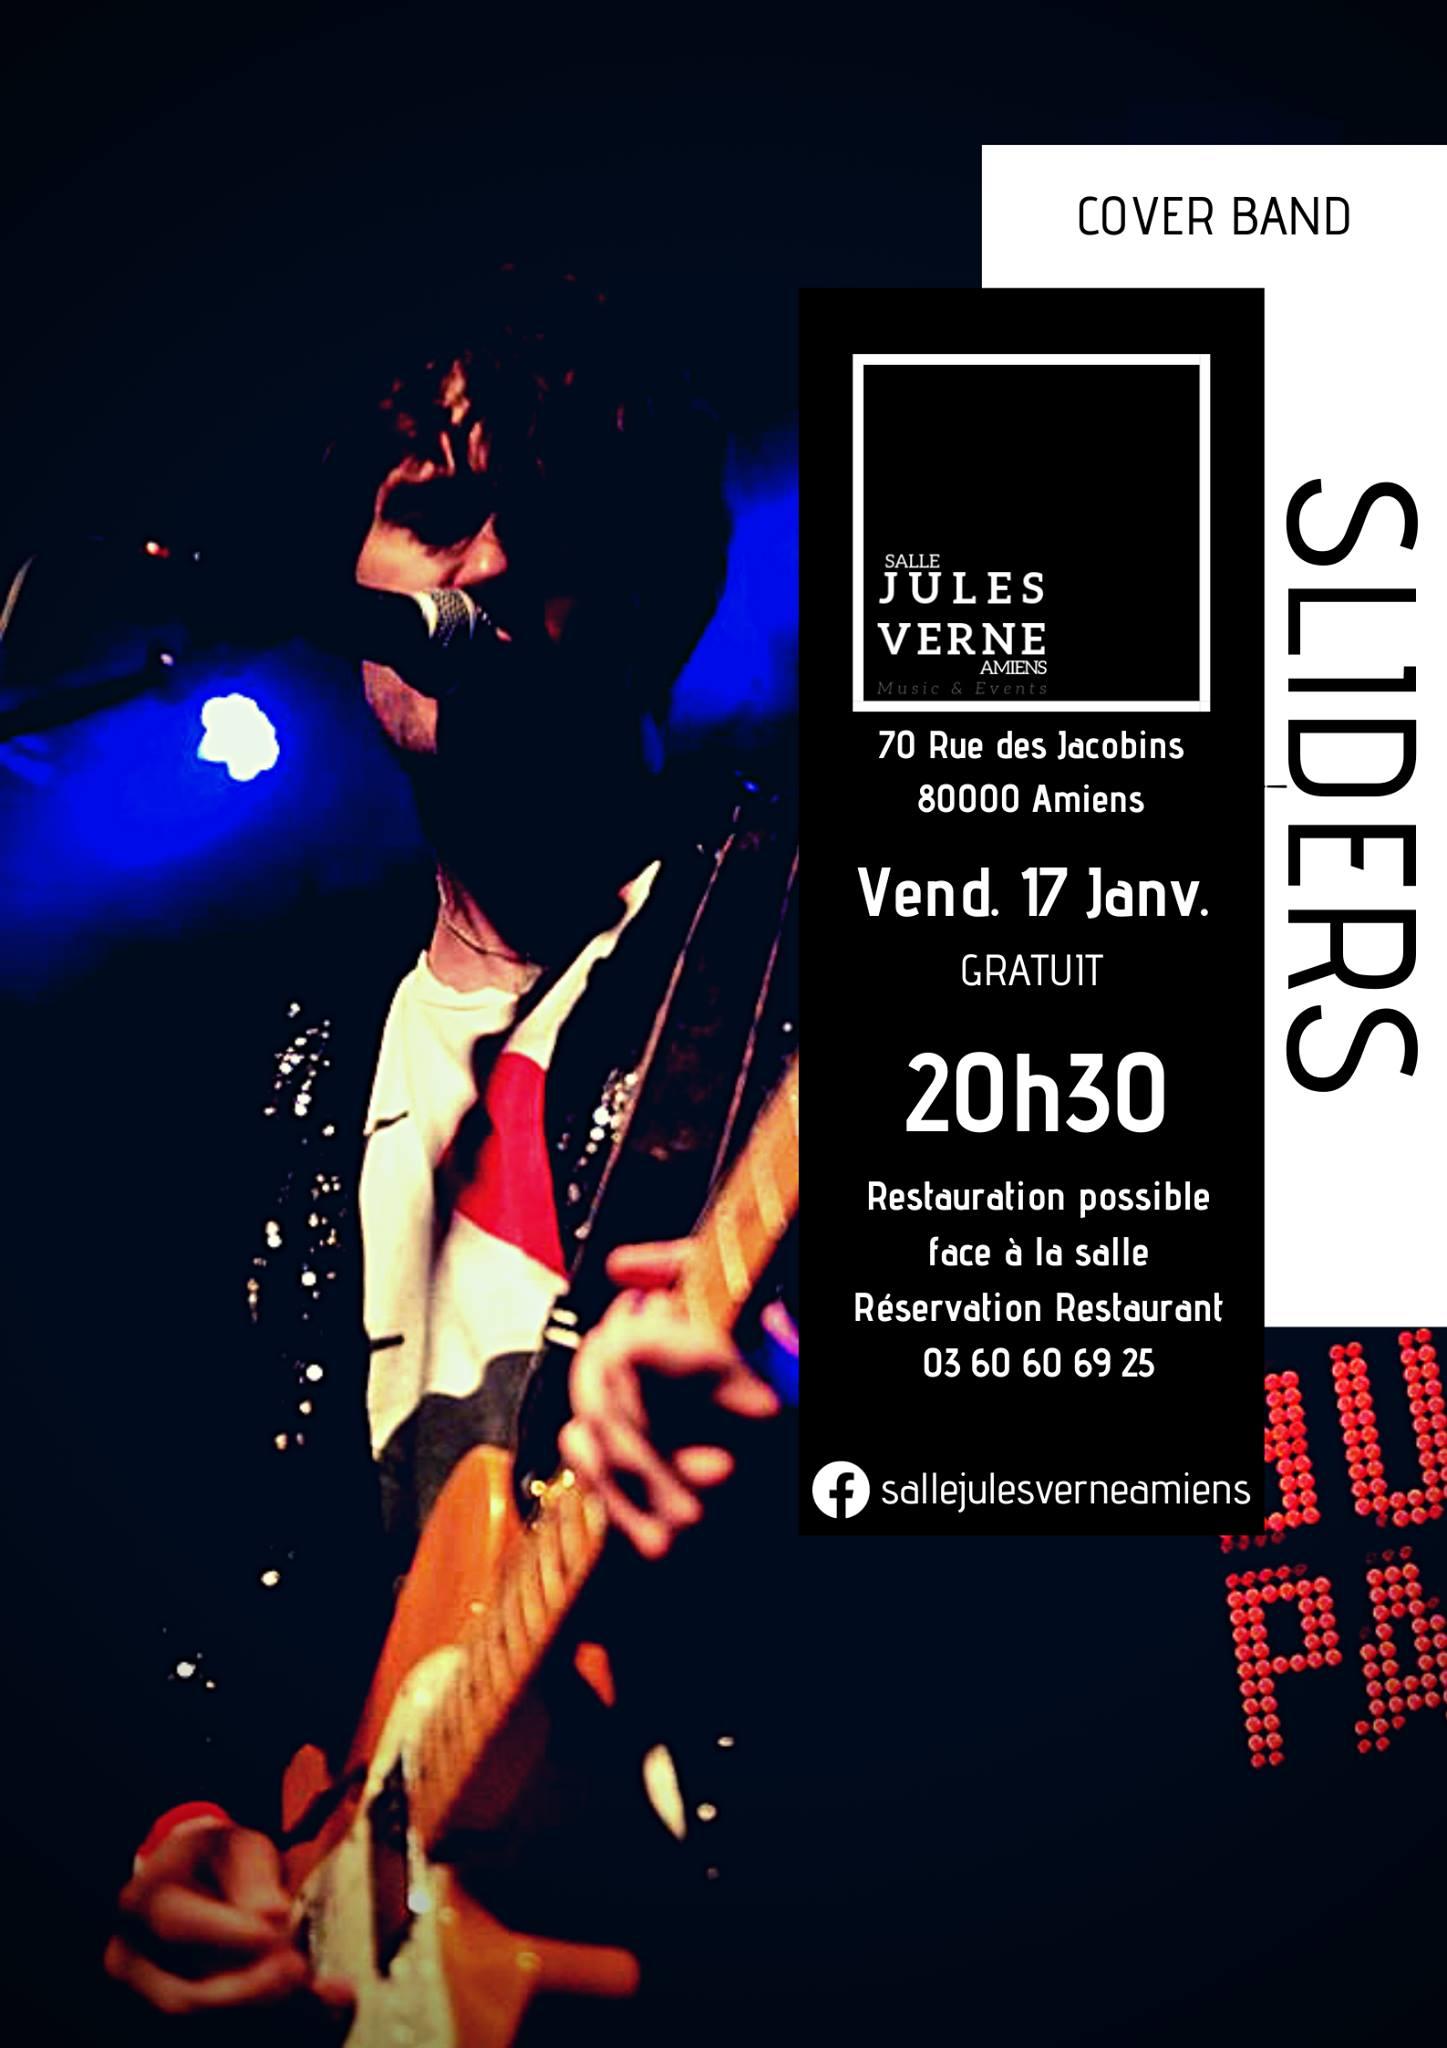 Sliders Affiche 17 JANVIER 2020